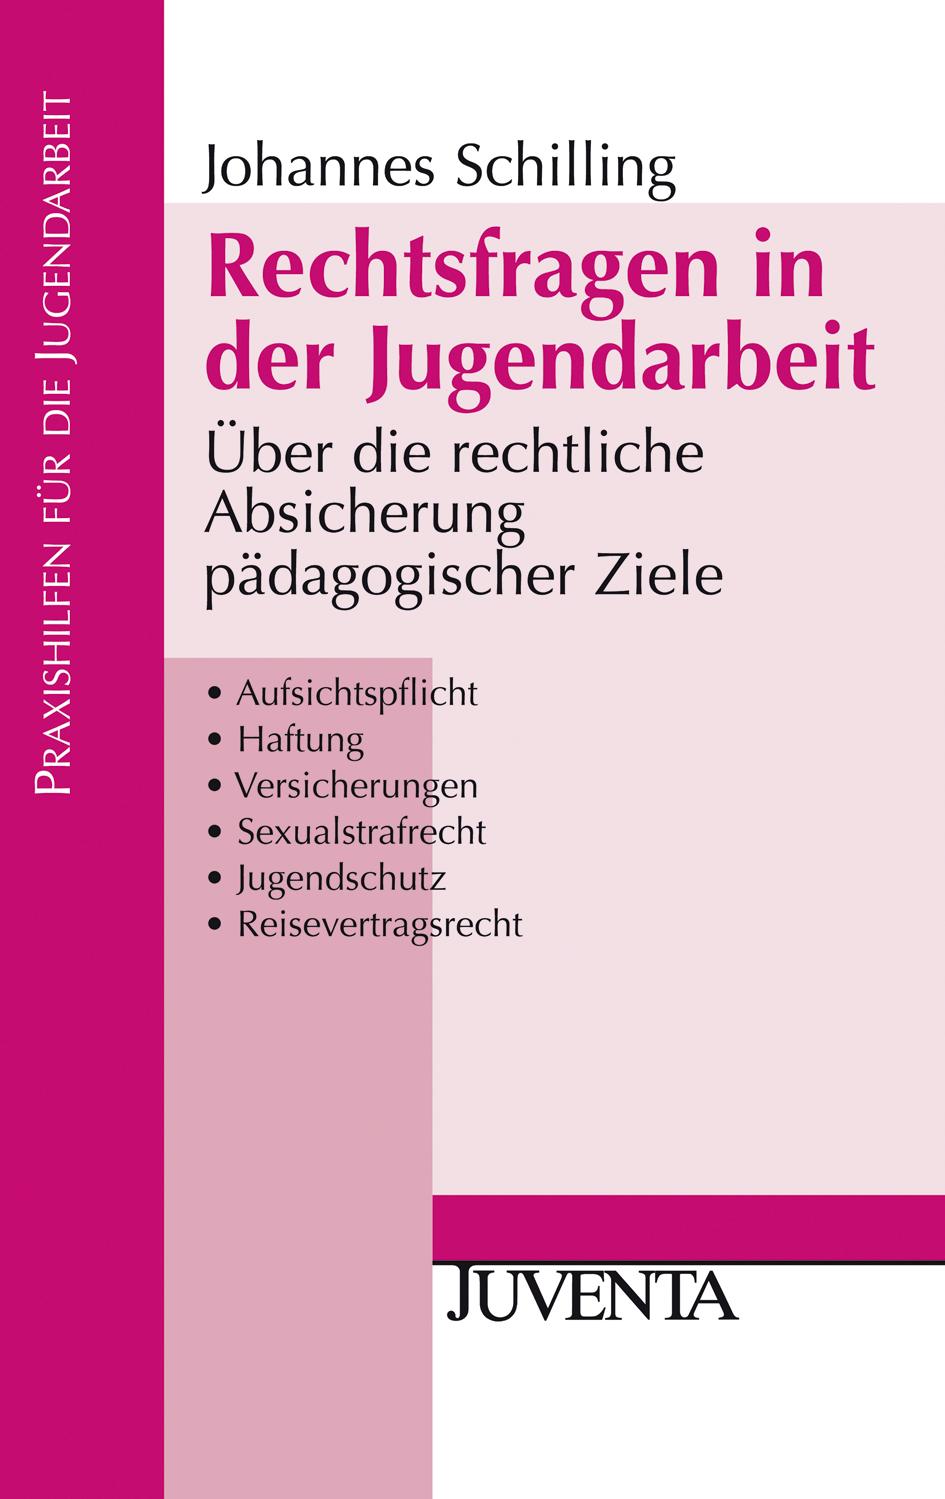 Rechtsfragen in der Jugendarbeit - Über die rechtliche Absicherung ...